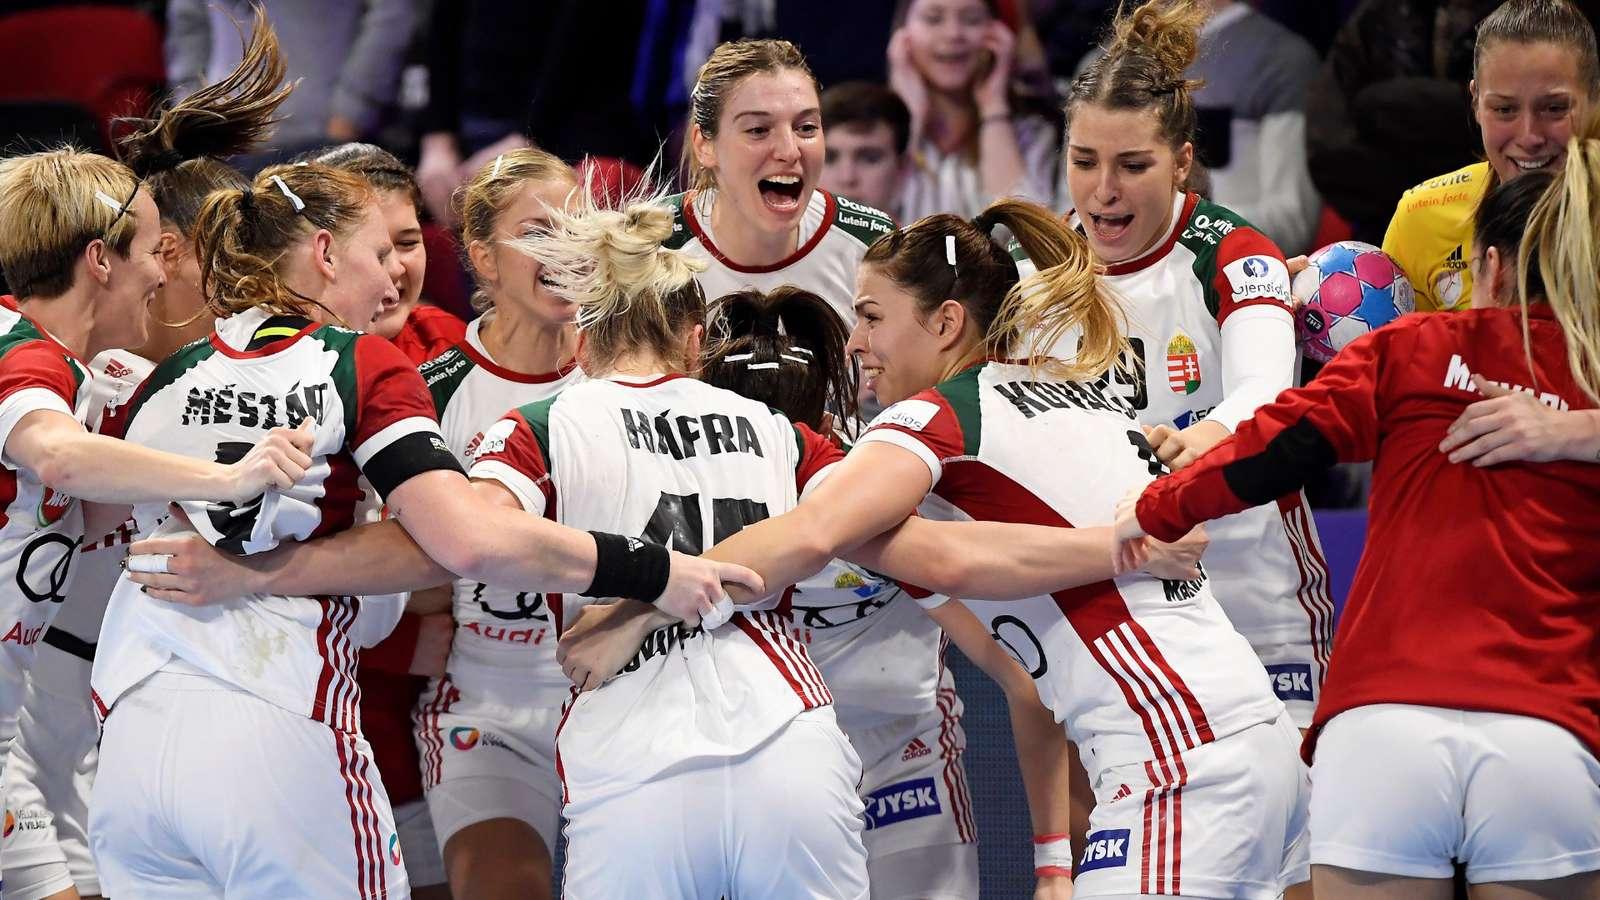 A koronavírus-járvány miatt előfordulhat, hogy a tervezettnél kevesebb helyszínen rendezik majd meg a női Európa-bajnokságot